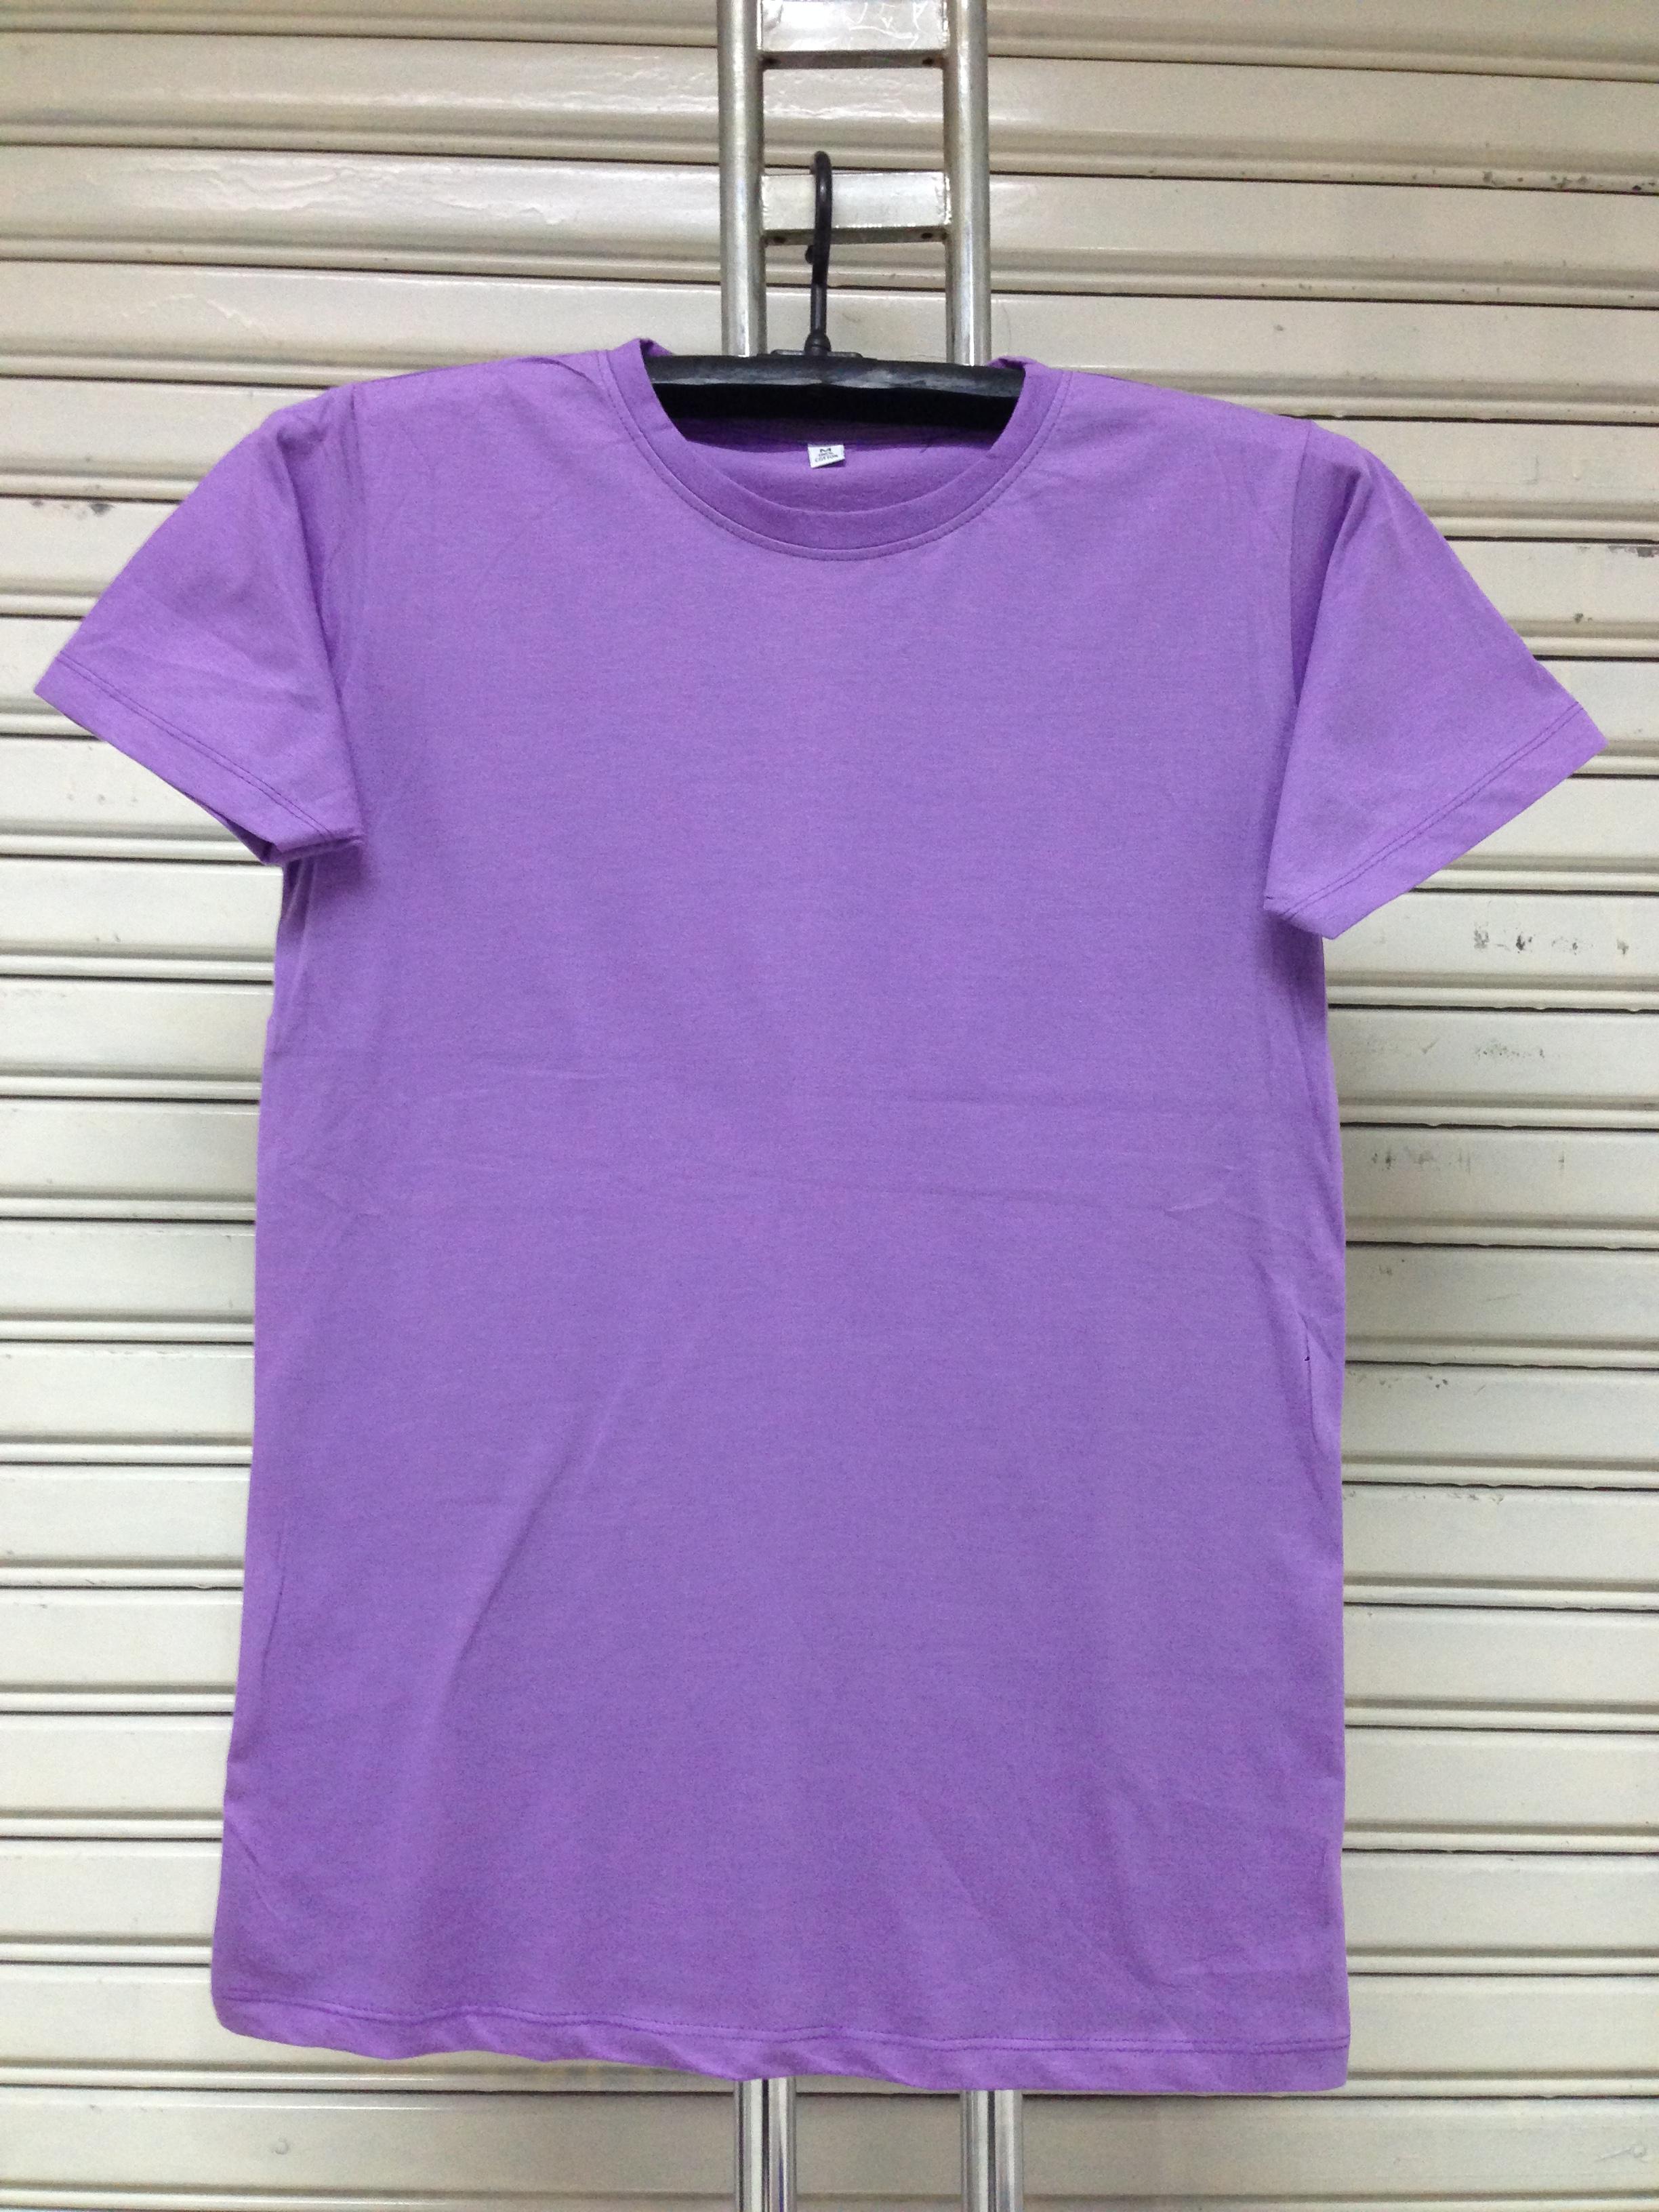 COTTON100% เบอร์32 เสื้อยืดแขนสั้น คอกลม สีม่วงอ่อน